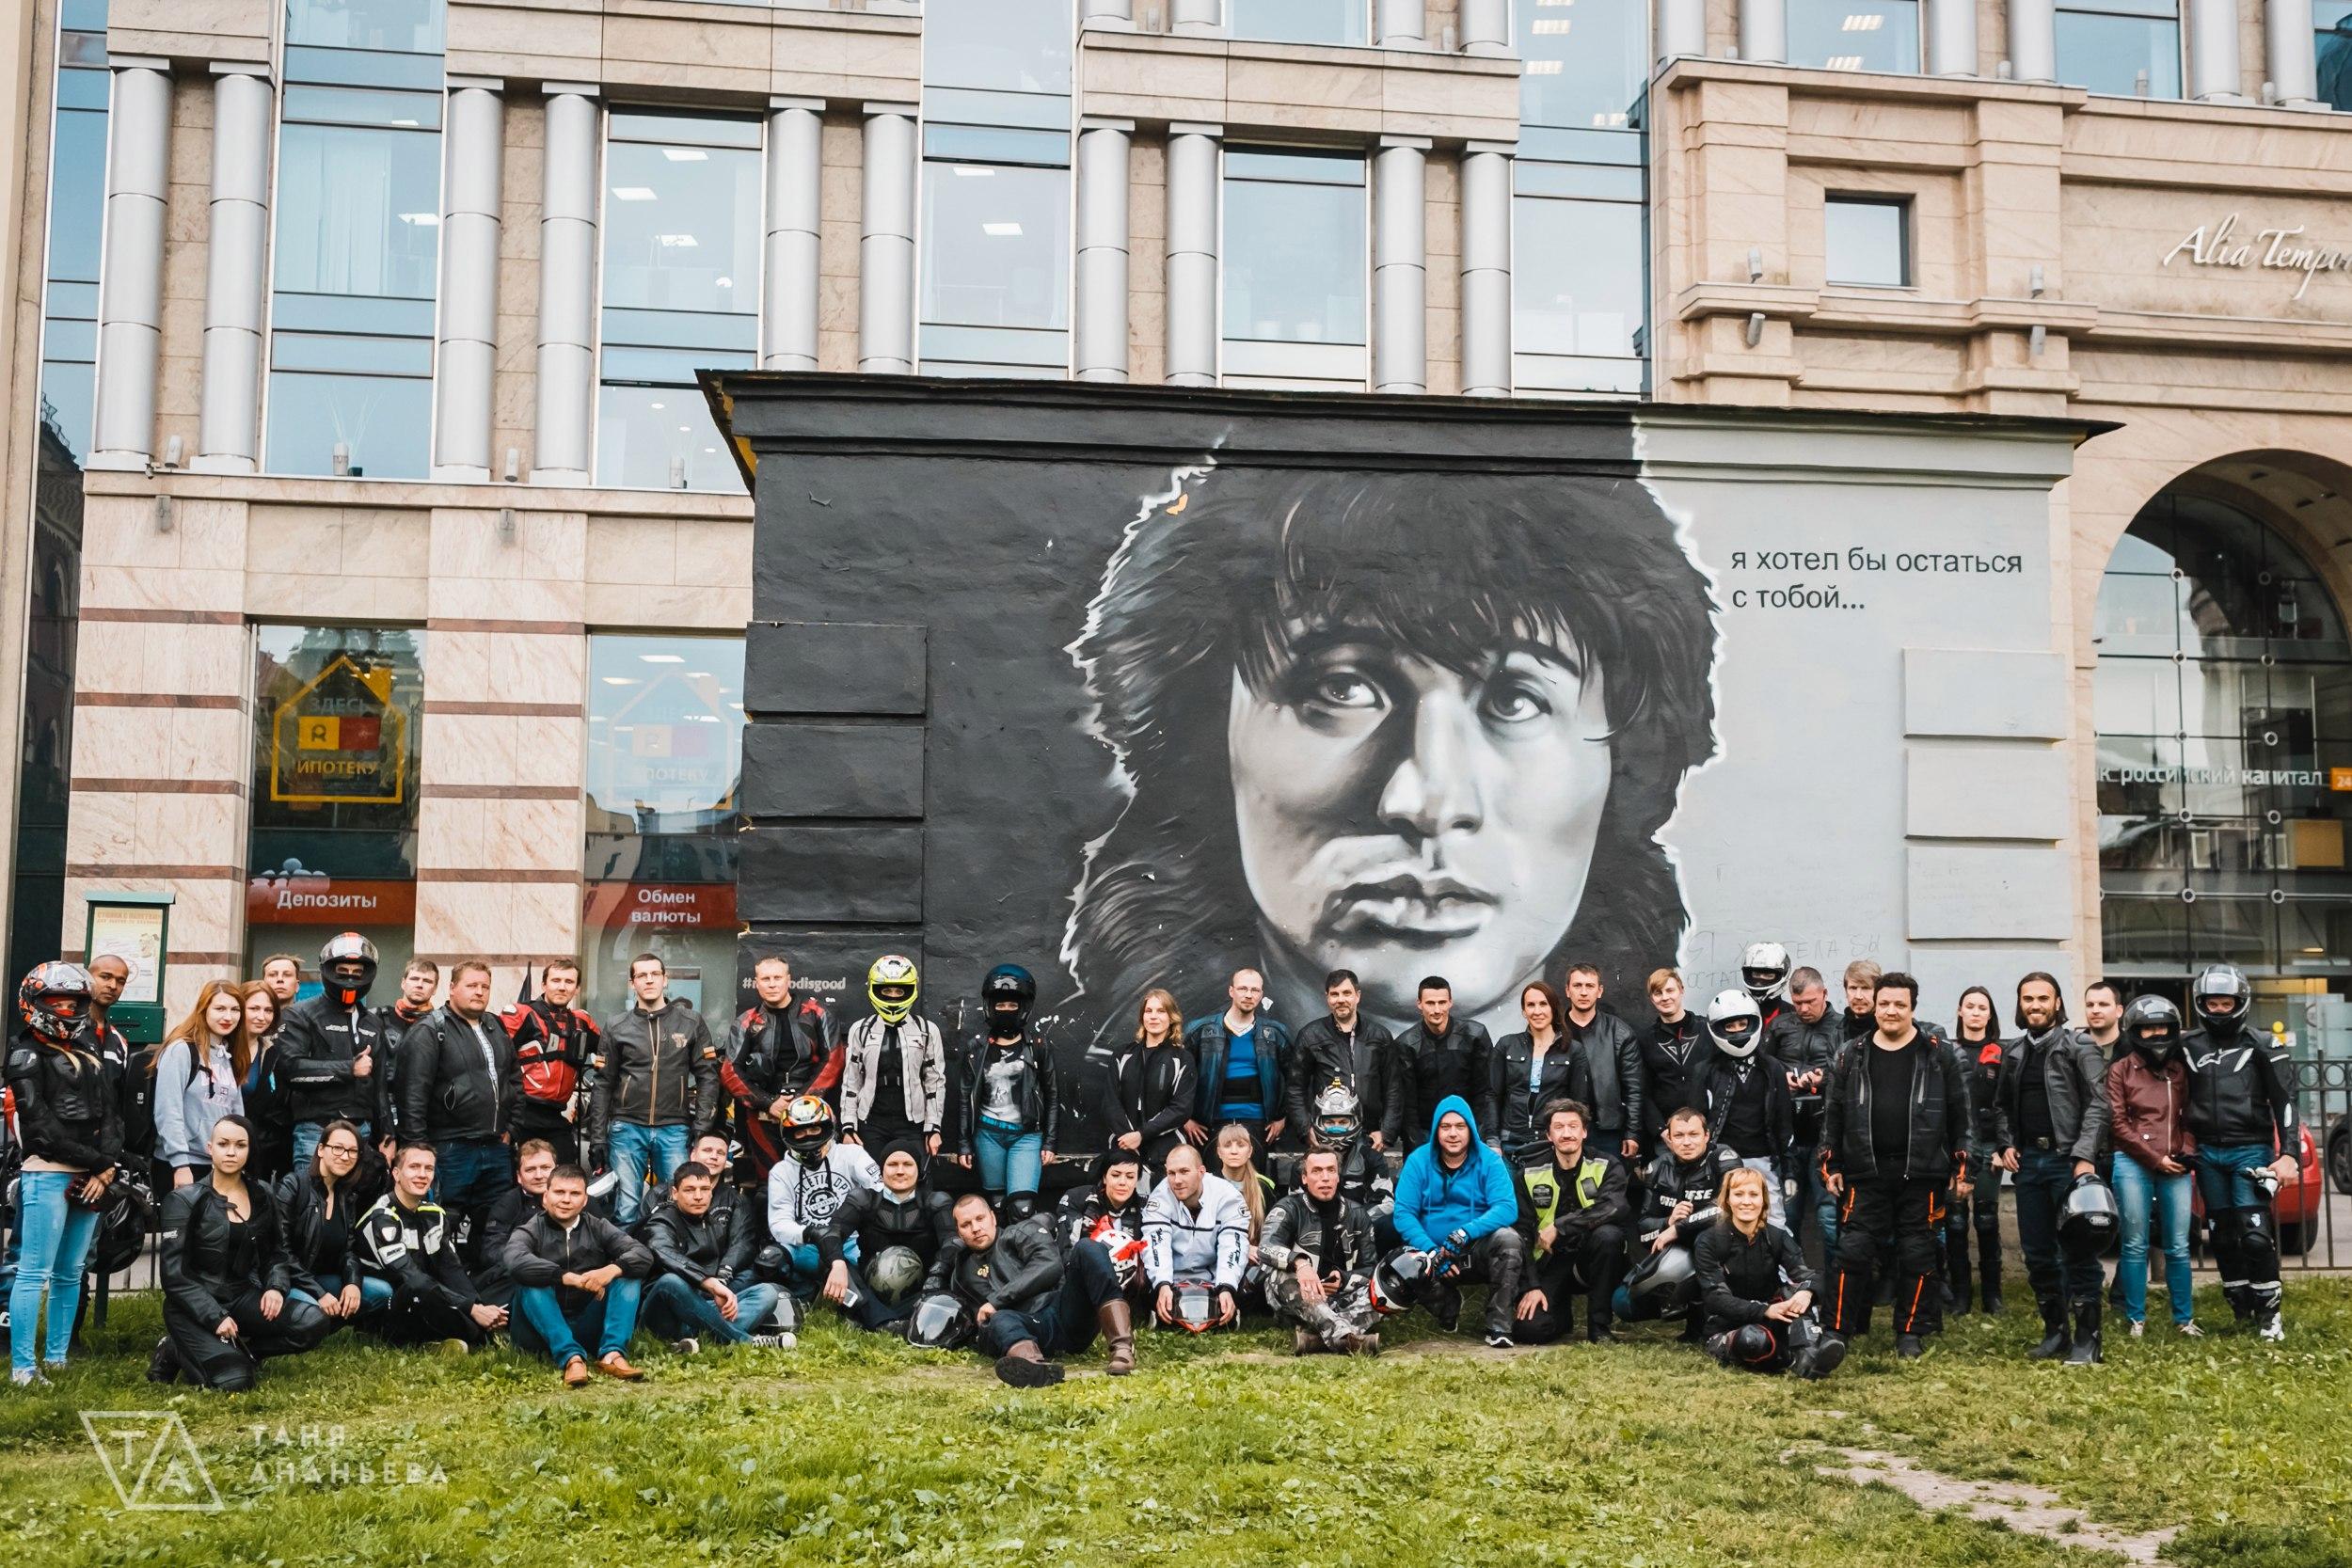 черно белые фото в санкт петербурге цоя шитья весьма